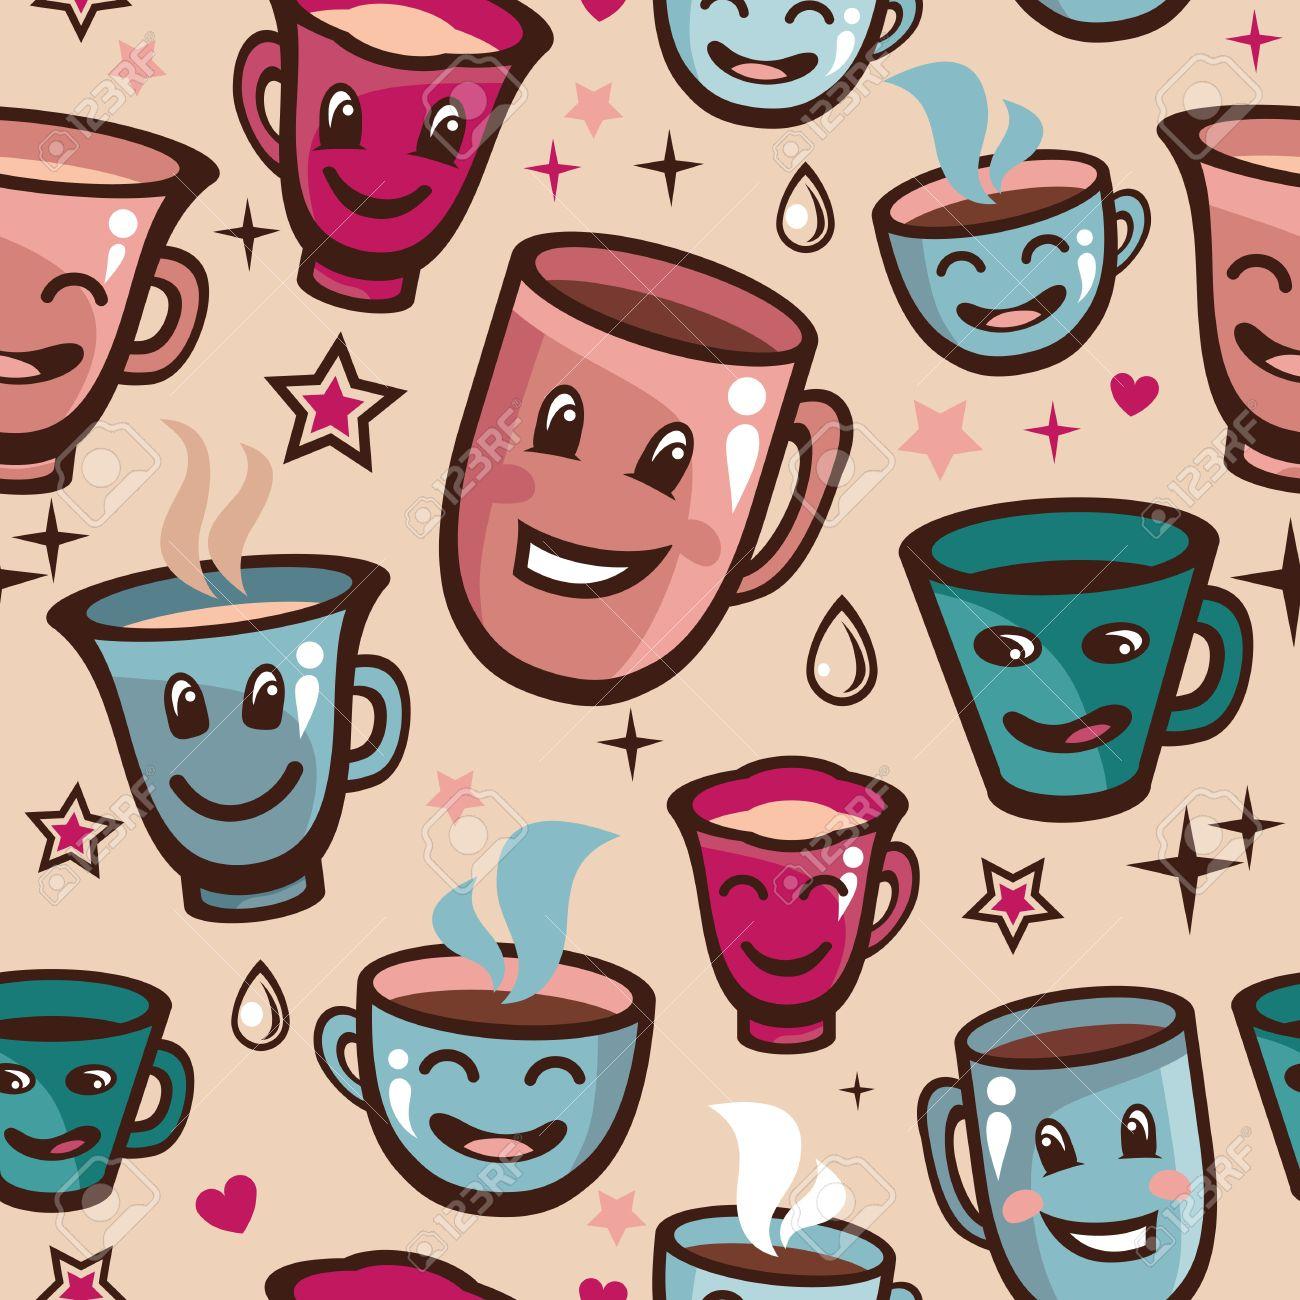 Cosmopolitan Vector Vector Seamless Pattern Tea Cups Cartoon Background Vector Seamless Pattern Tea Cups Cartoon Tea Cup Images Tea Cups Cartoon Background Royalty Cartoon Images furniture Cartoon Tea Cups